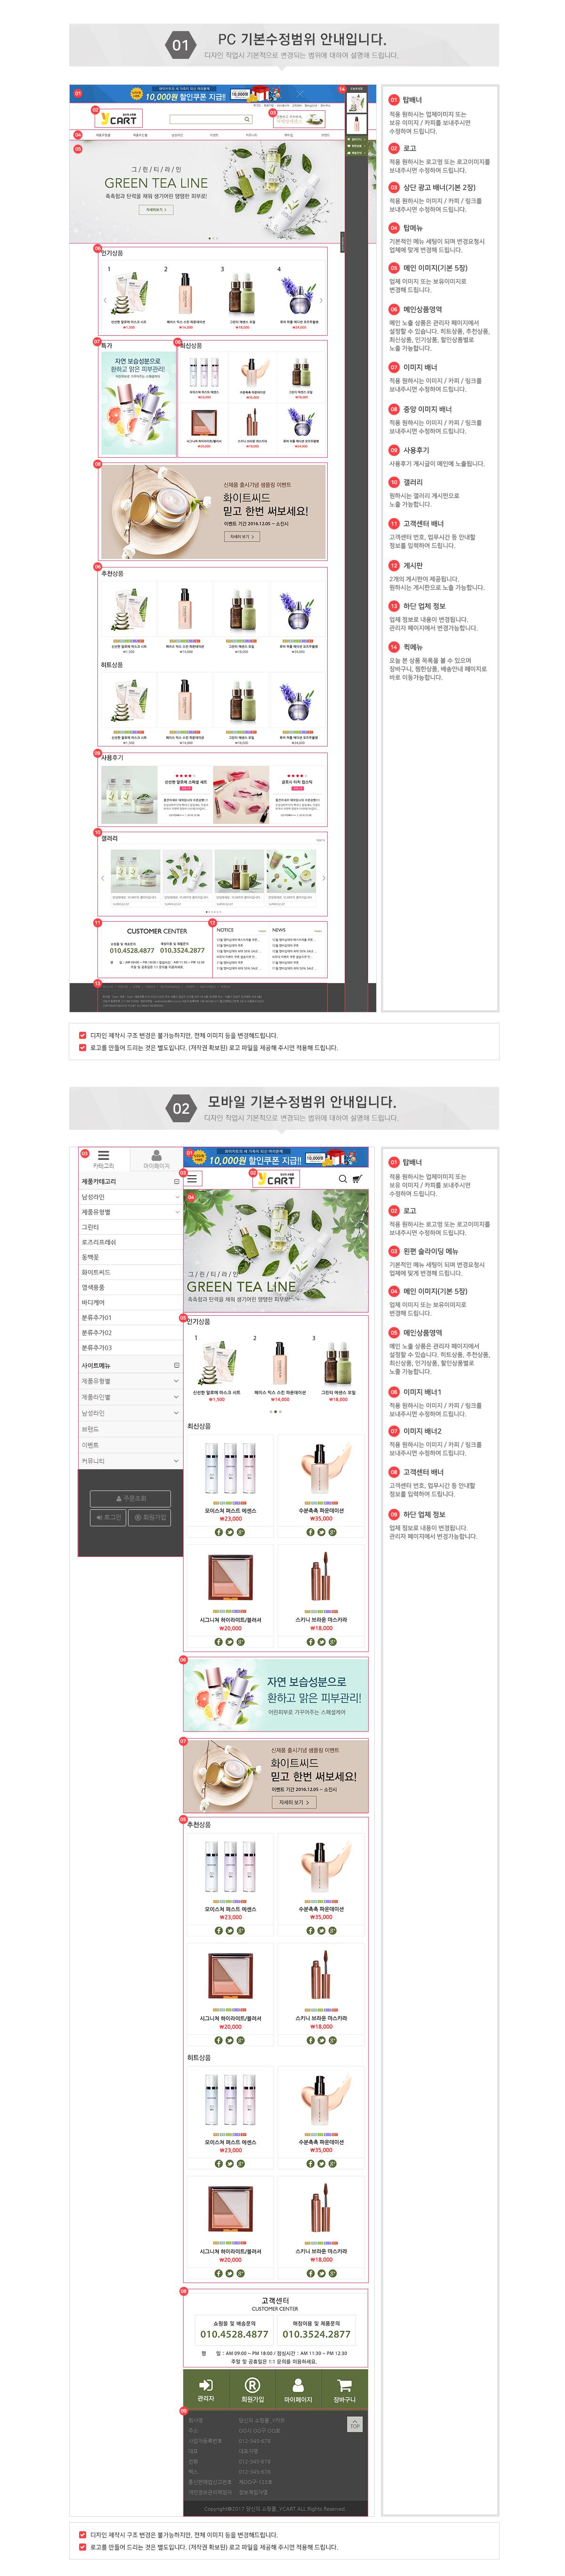 화장품001 (shopboth_cosmetics_001)